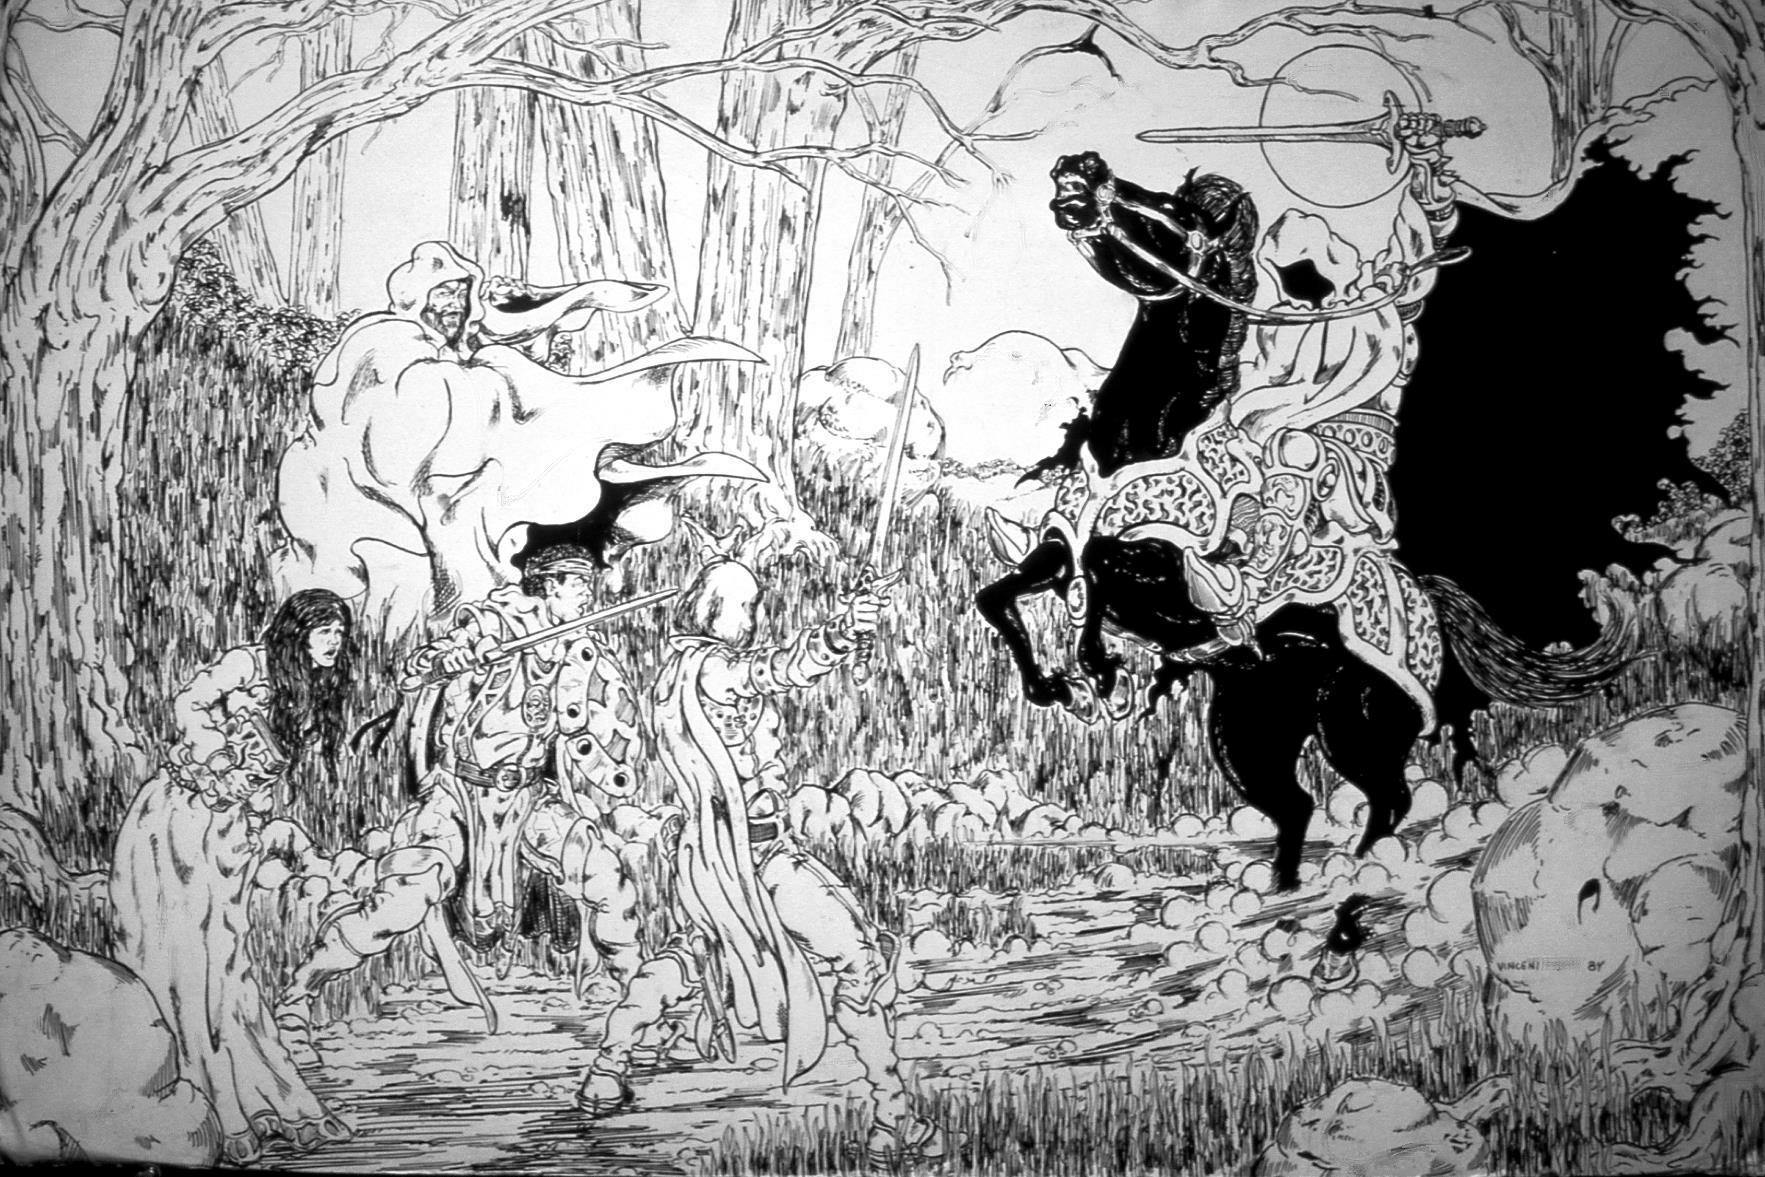 Vincent bryant a dark rider blocked their path original